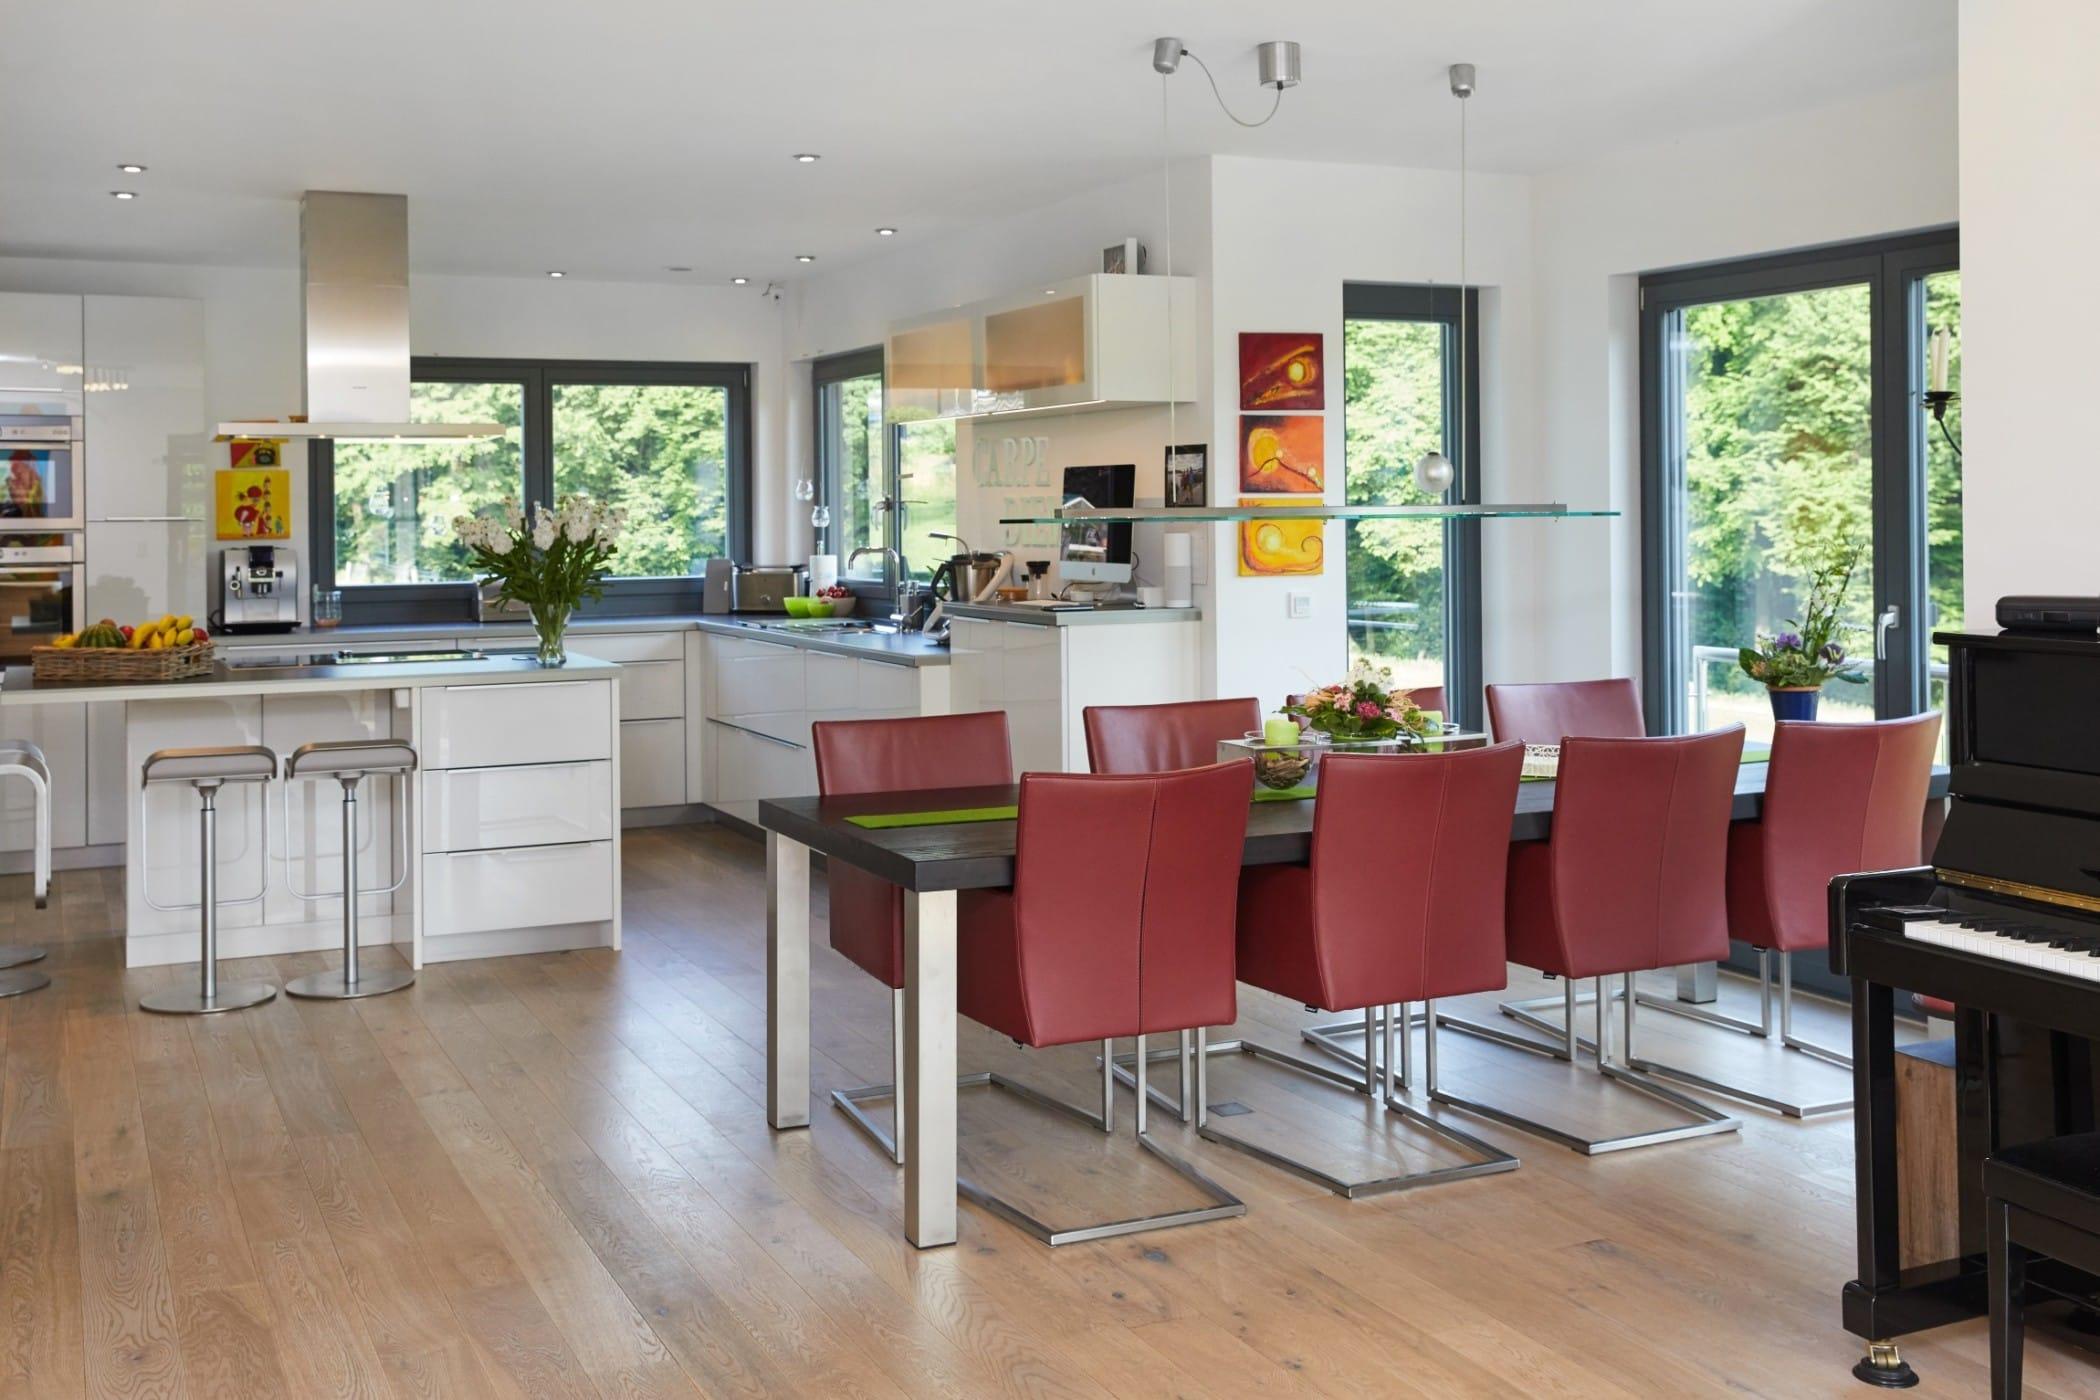 Offene Küche modern mit Kochinsel & Essbereich - Inneneinrichtung Fertighaus Neapel von GUSSEK HAUS - HausbauDirekt.de